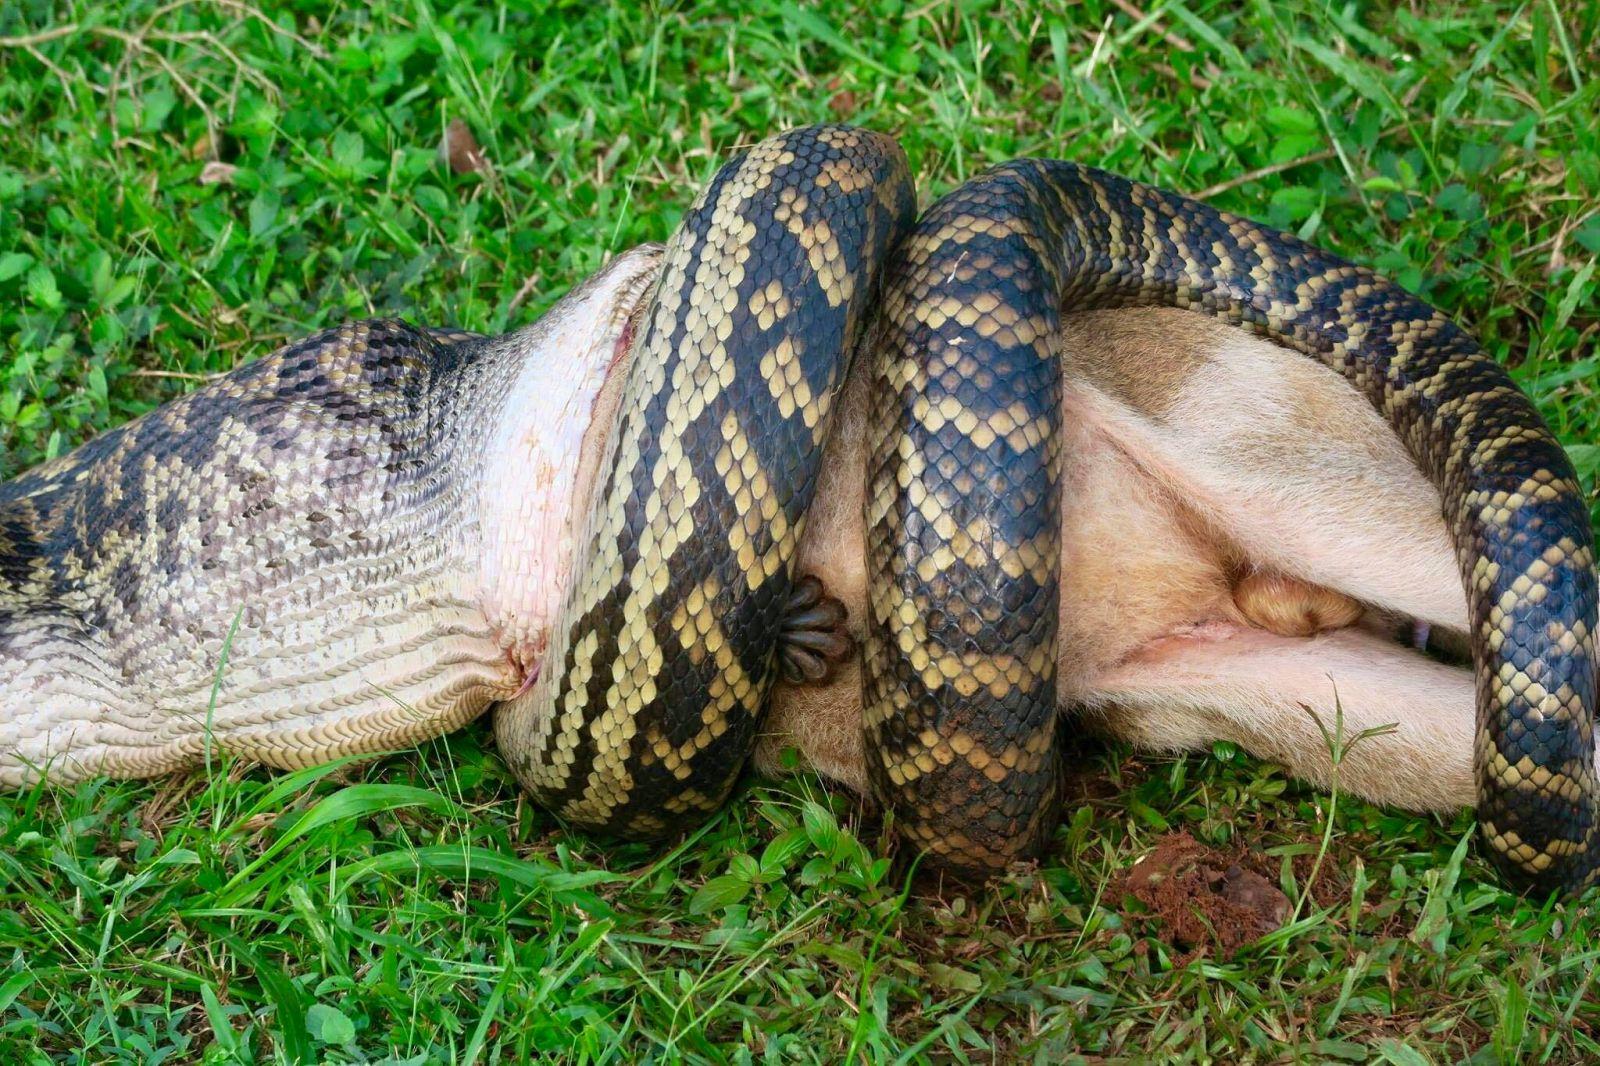 картинки змей которые едят людей никогда стоит